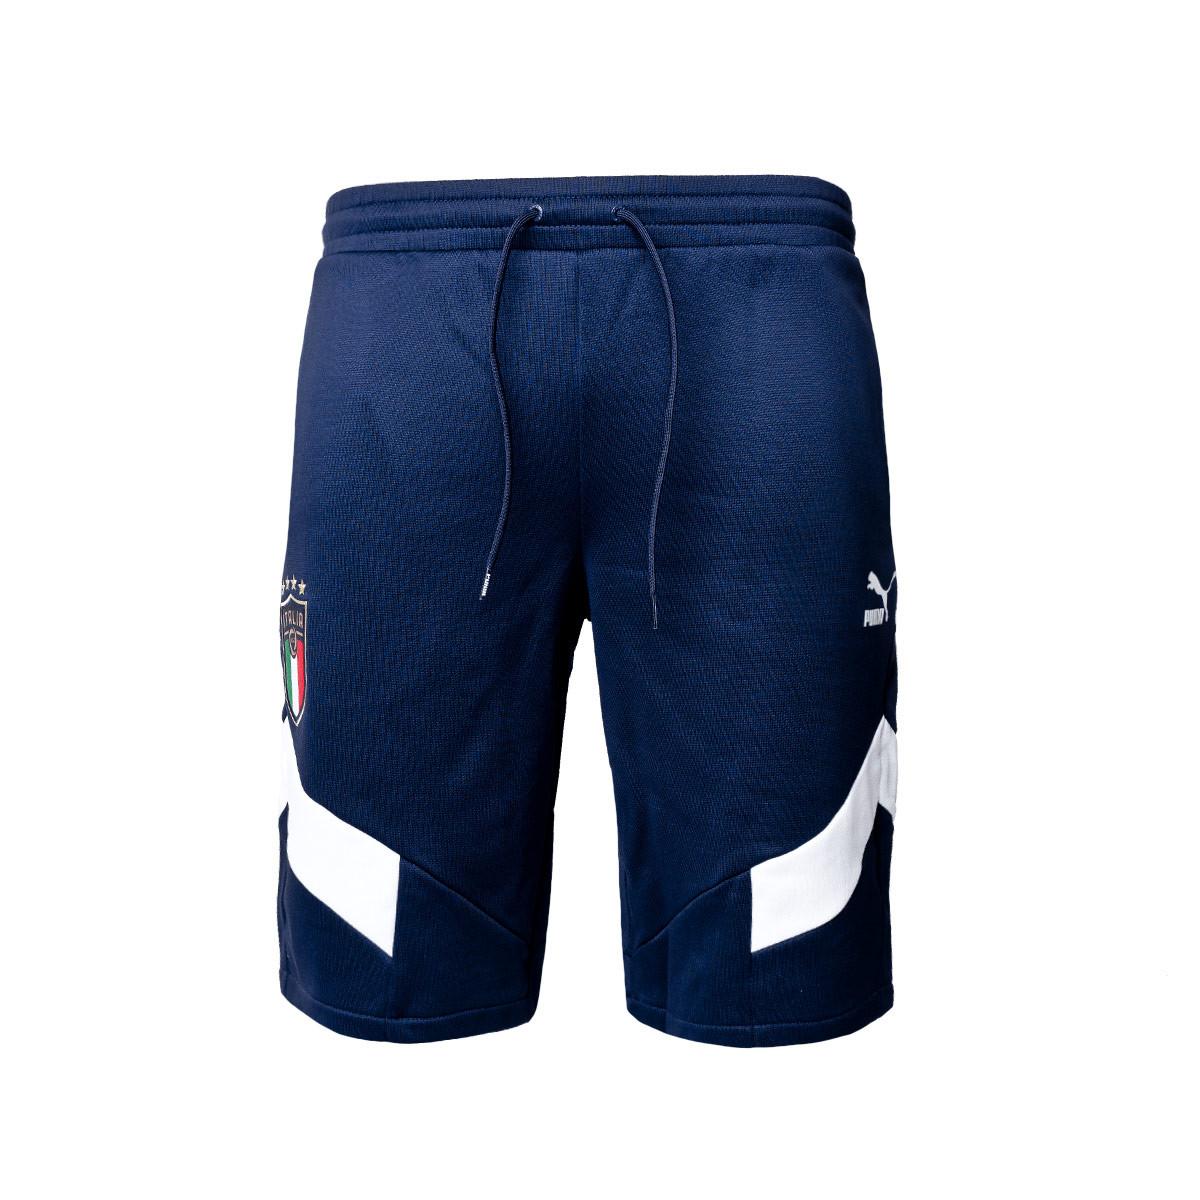 Puma Italy Iconic MCS Shorts Bermuda Shorts